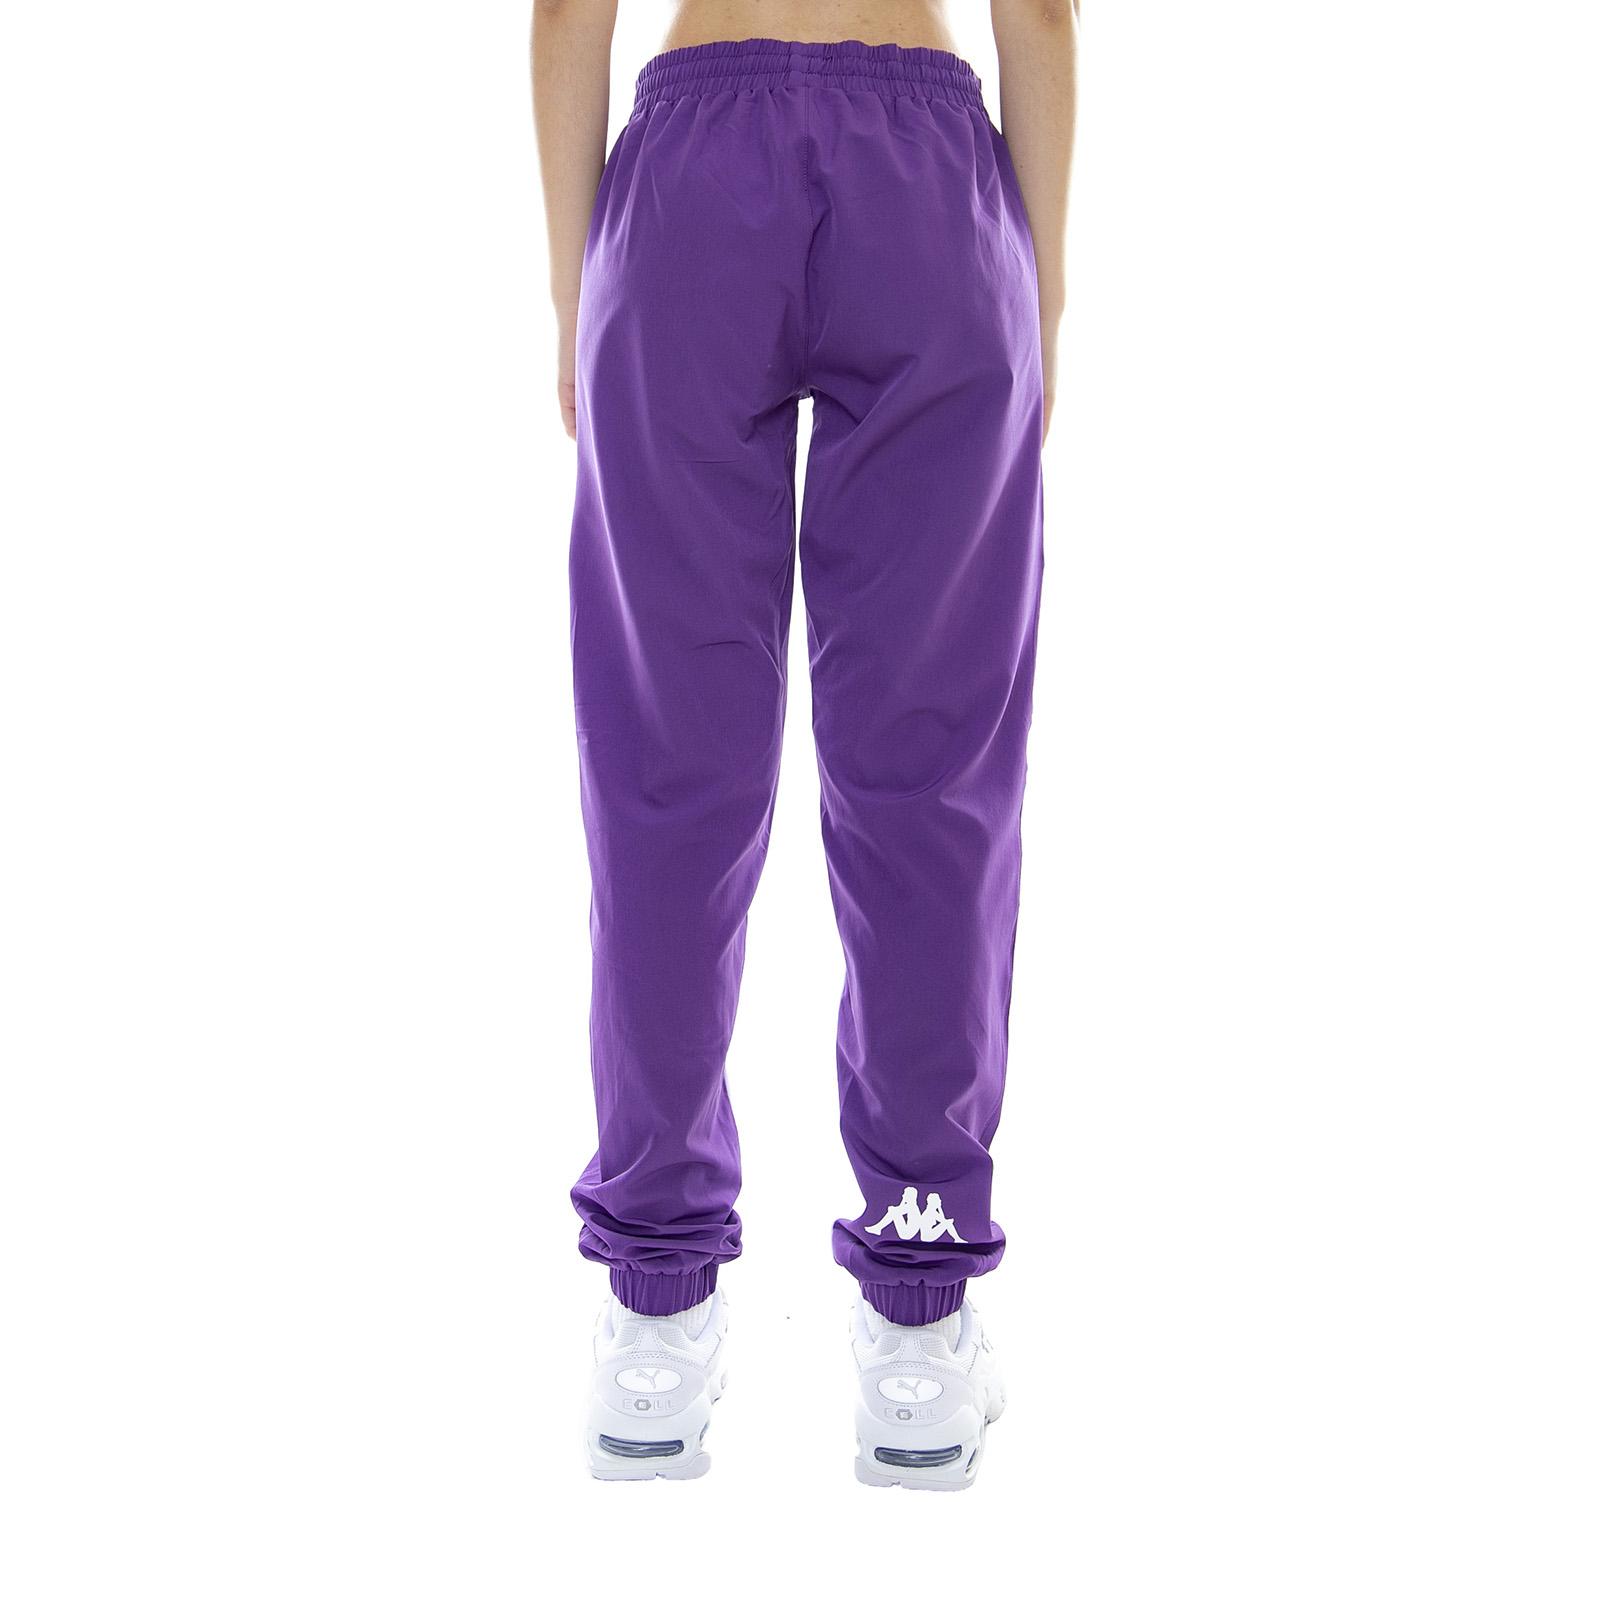 6c26c3851fa4 Kappa 222 Banda Bawon Violet Pansy/White - Pantaloni Sportivi Da ...